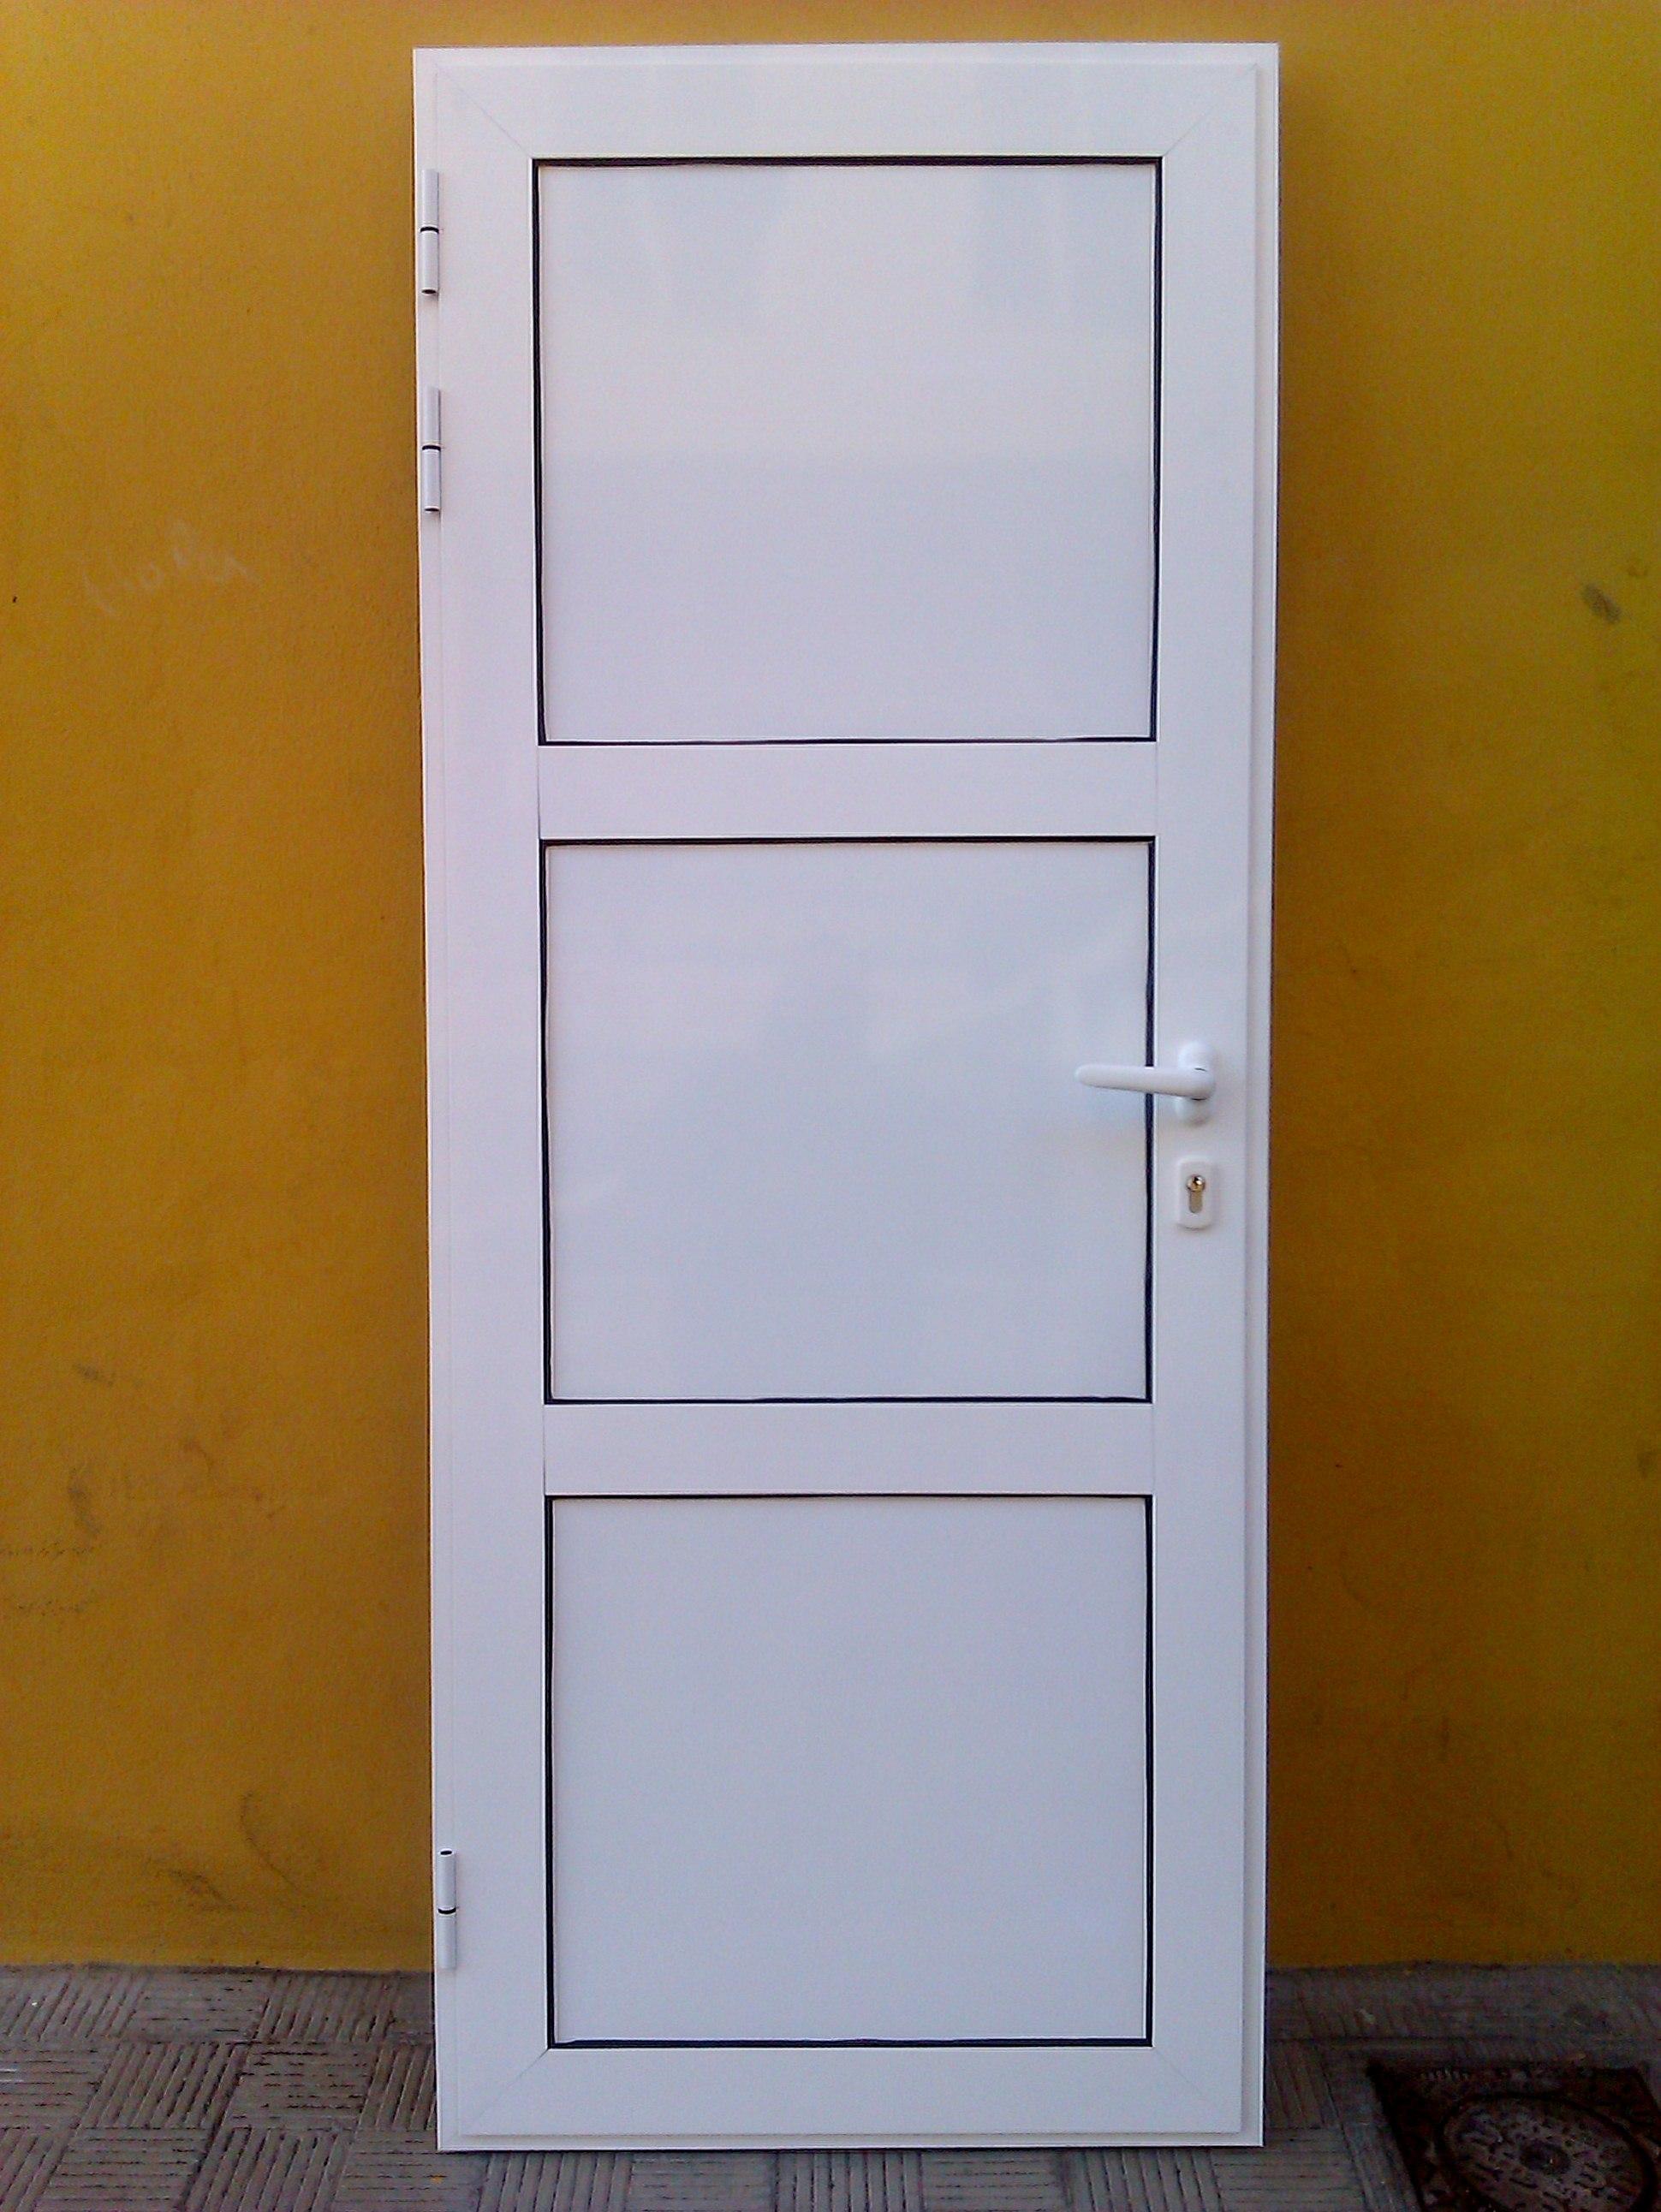 Aluminios gi como galer a de fotos for Puertas en aluminio para interiores